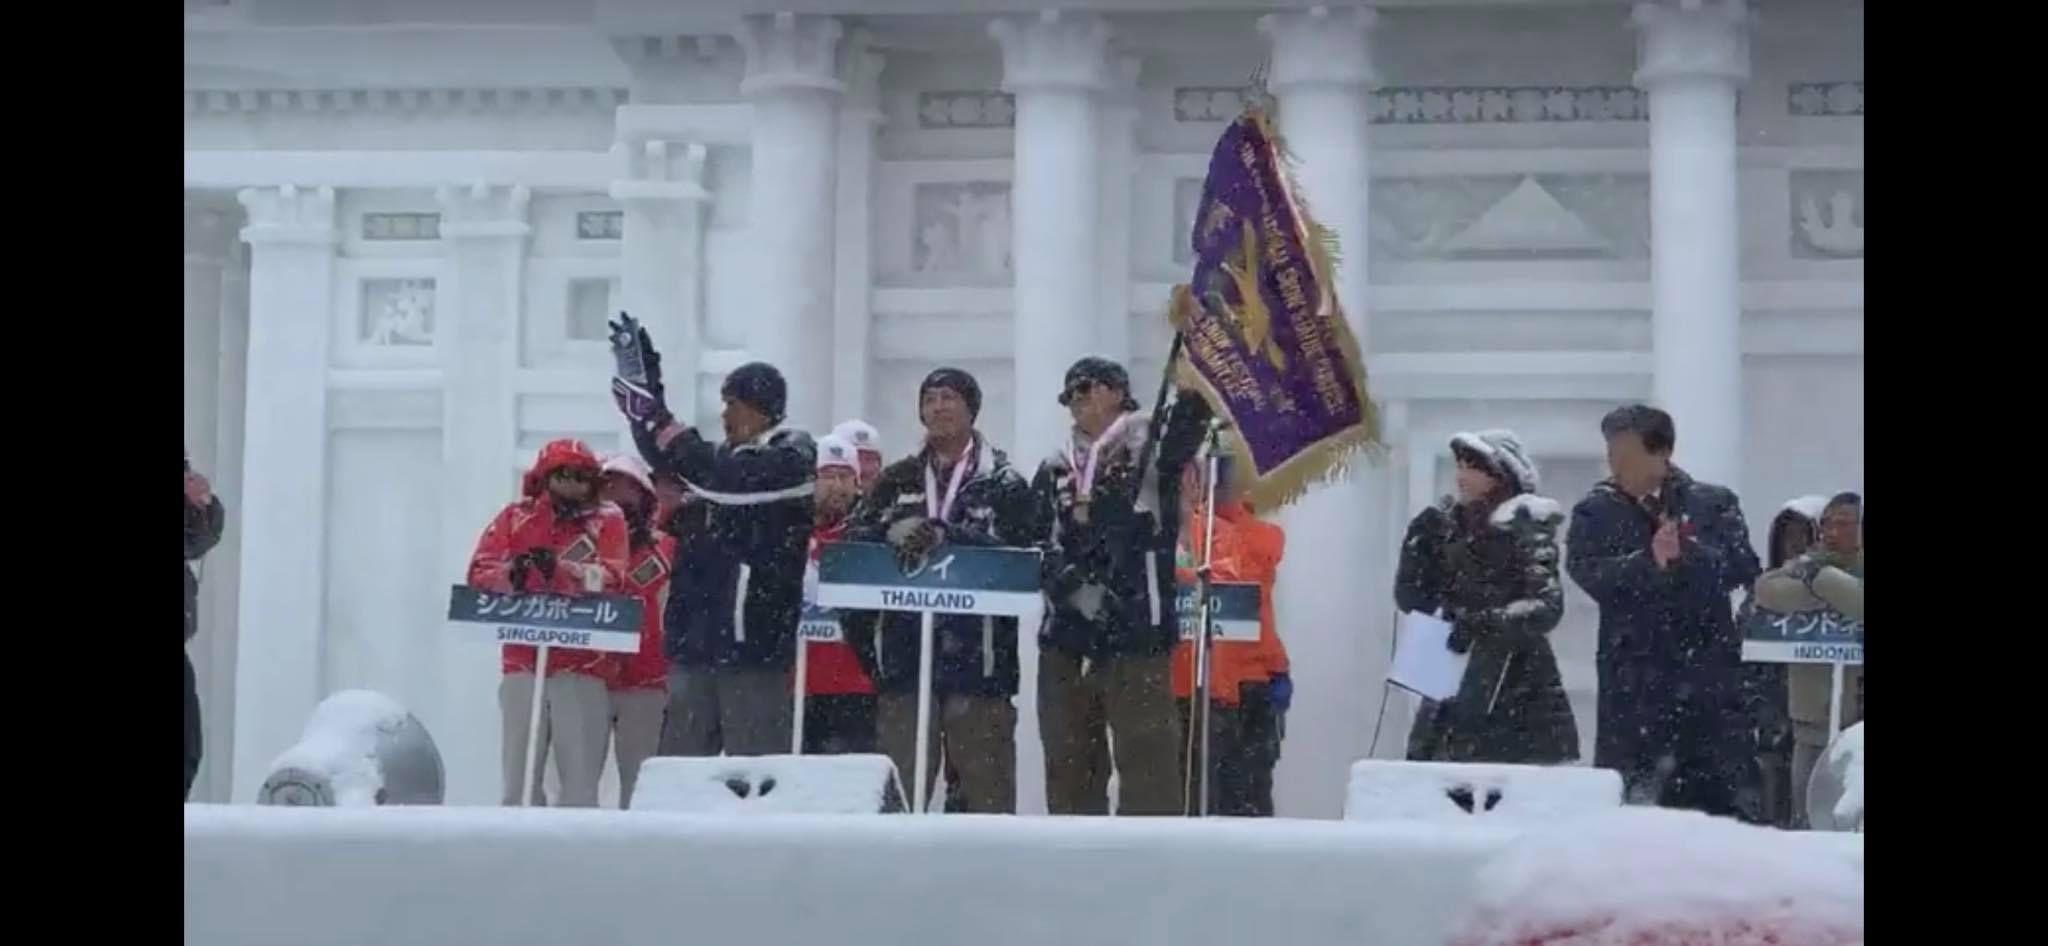 ไทยคว้าแชมป์การแข่งขัน แกะสลักหิมะ ที่กรุงซัปโปโรปี 2019